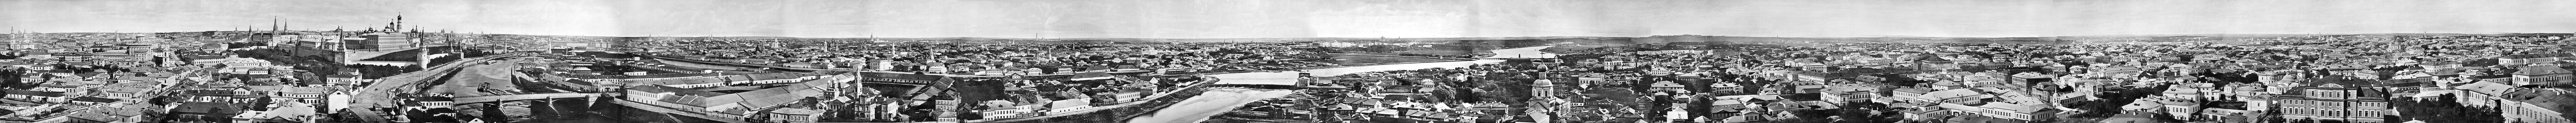 1504 Панорама Москвы с Храма Христа Спасителя 1867.jpg